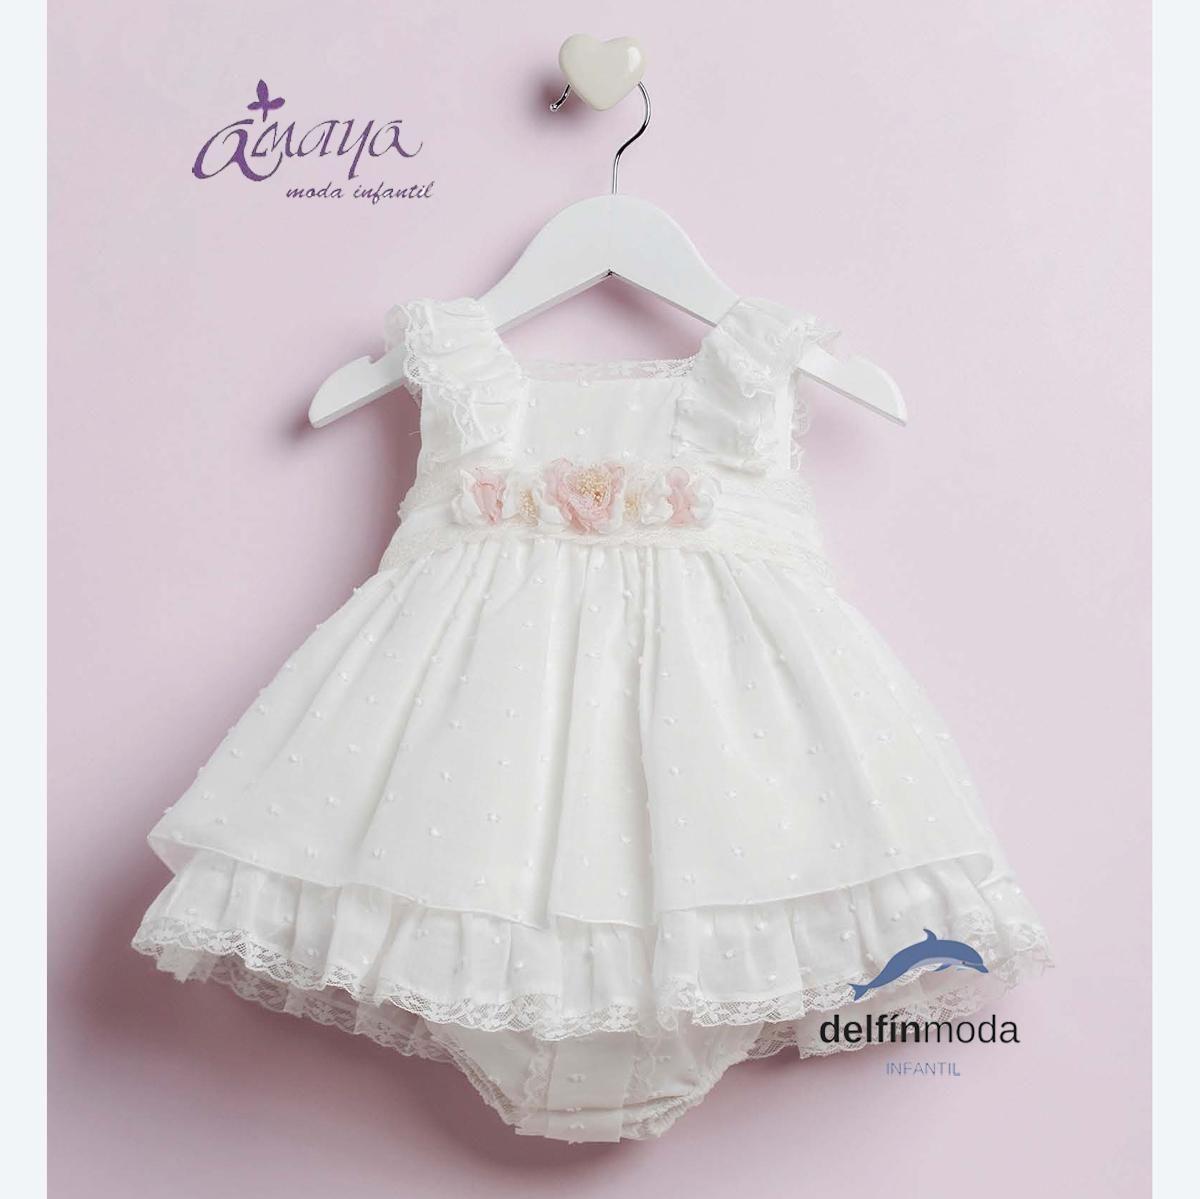 Modelos de ropa para bautizo de bebe | Modelos de Ropa de Bebe ...